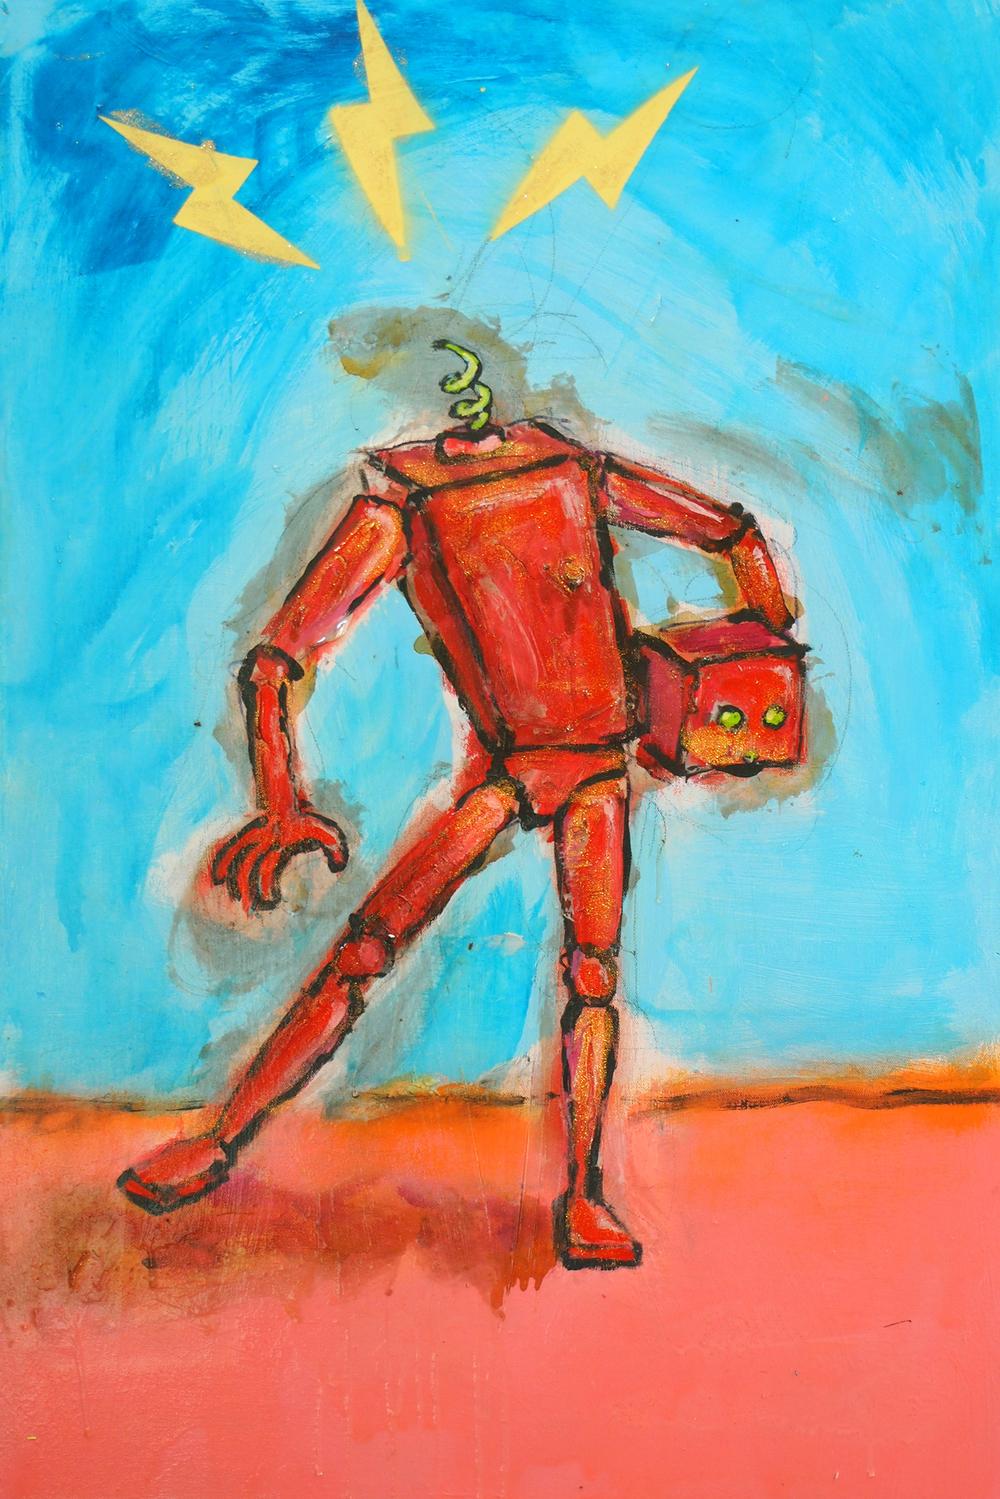 brokenredrobot.jpg